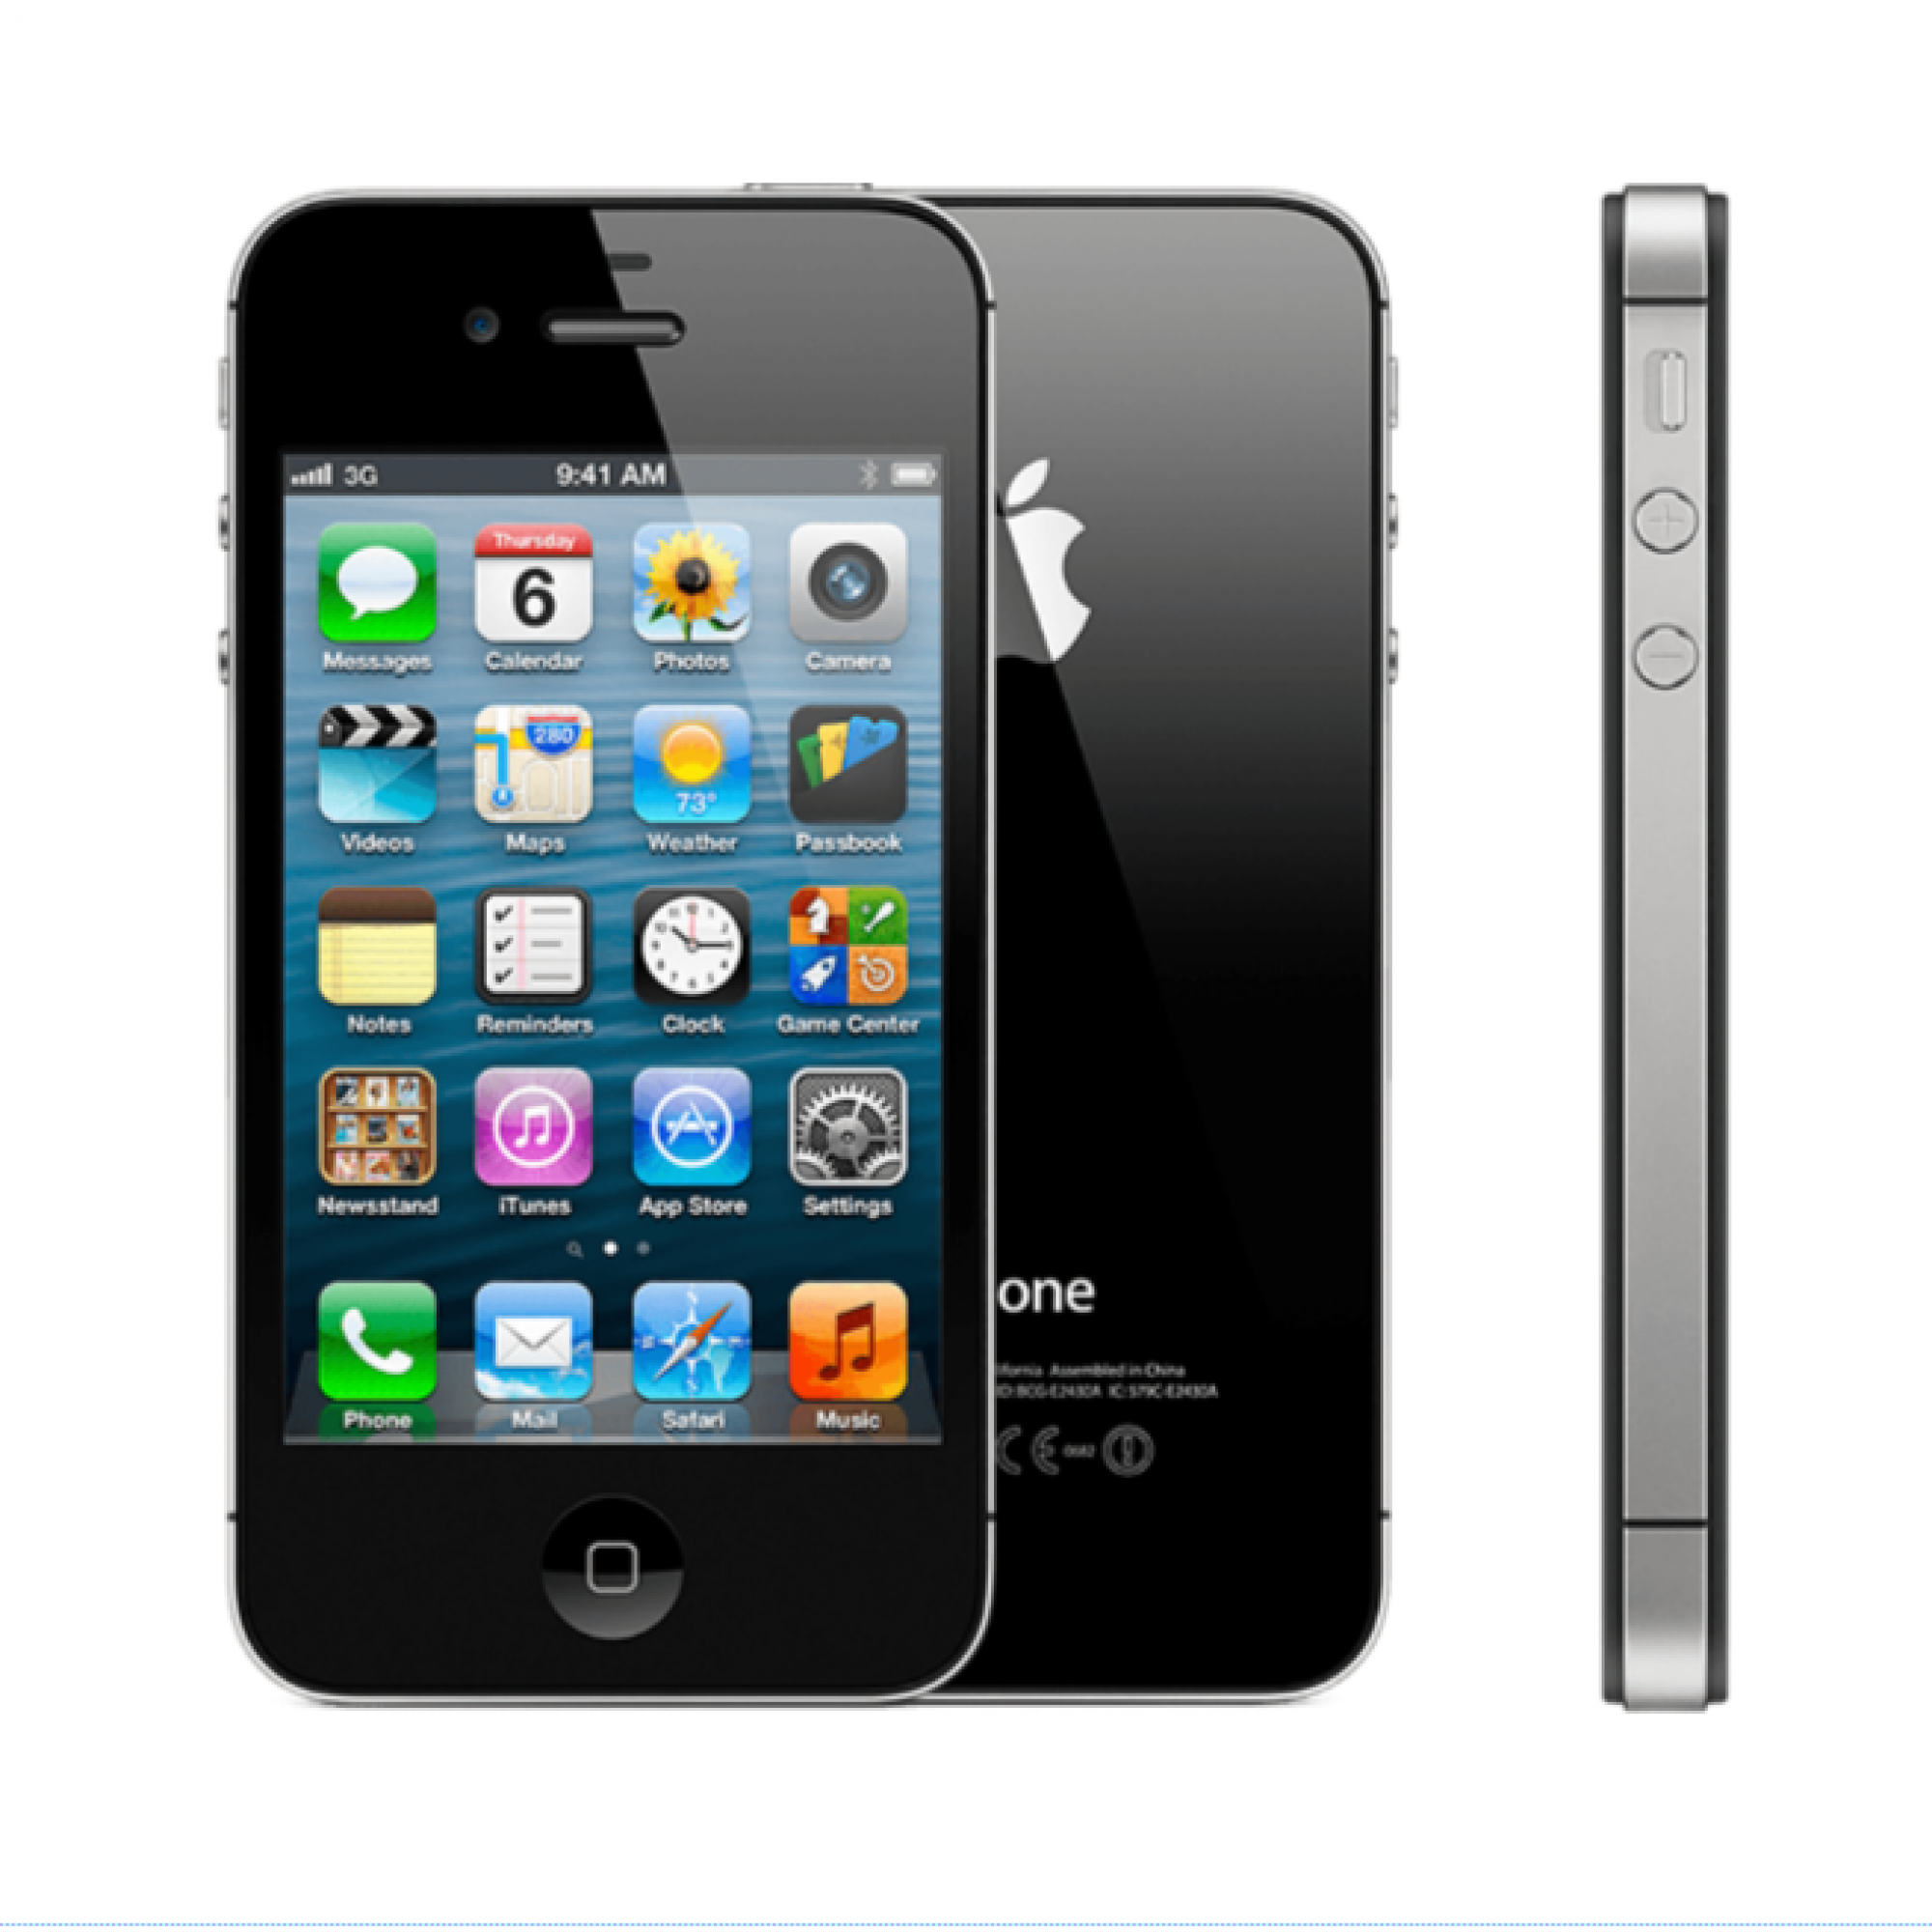 Iphone S Mgsm